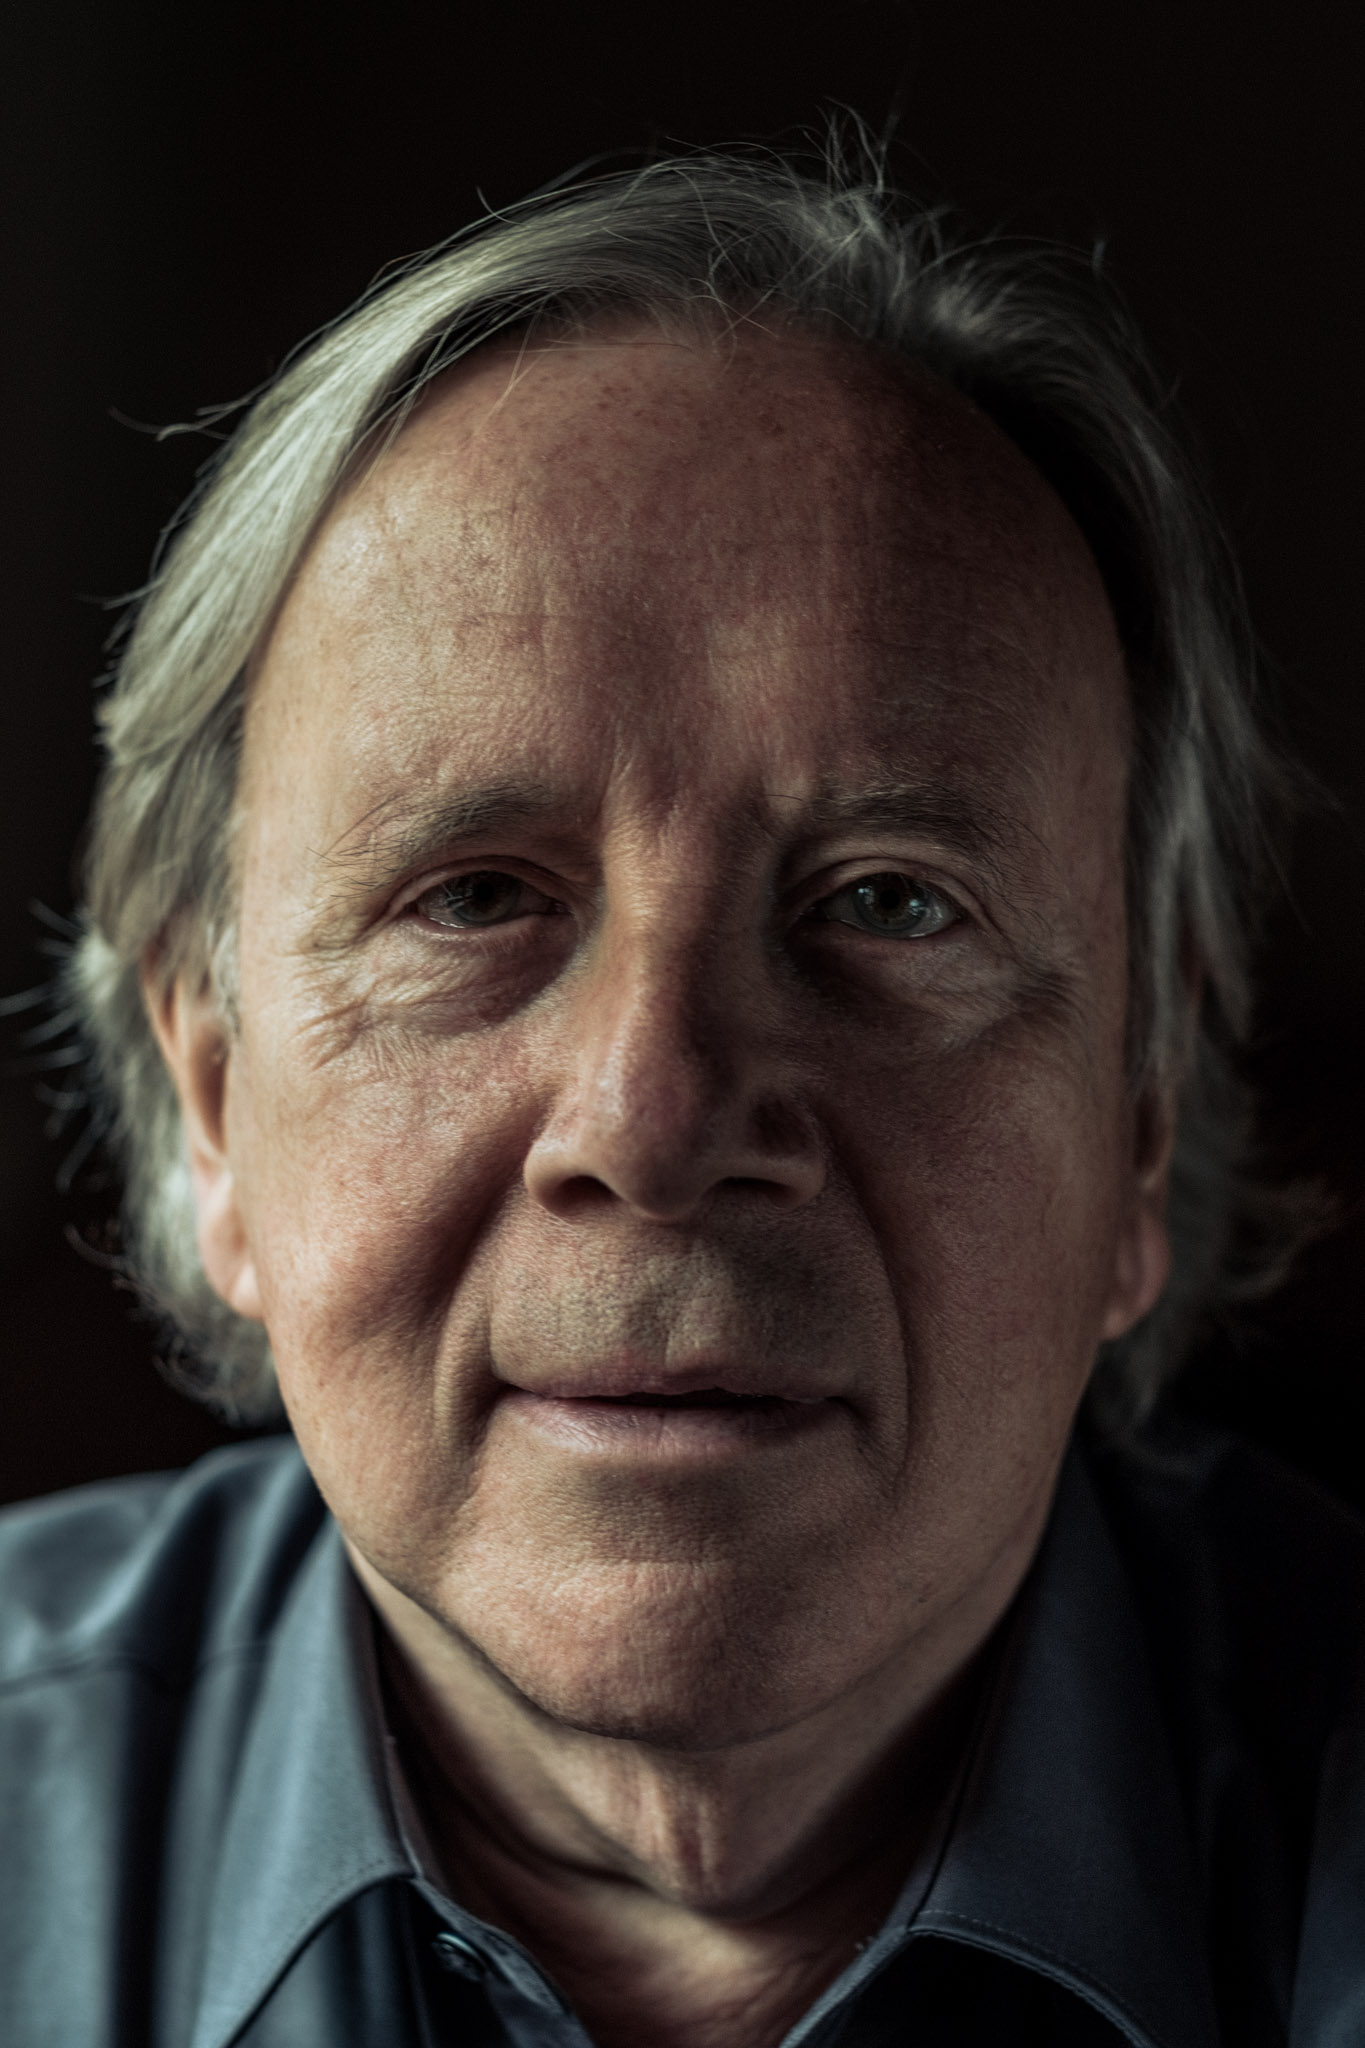 Heinz Spoerli II, 2017